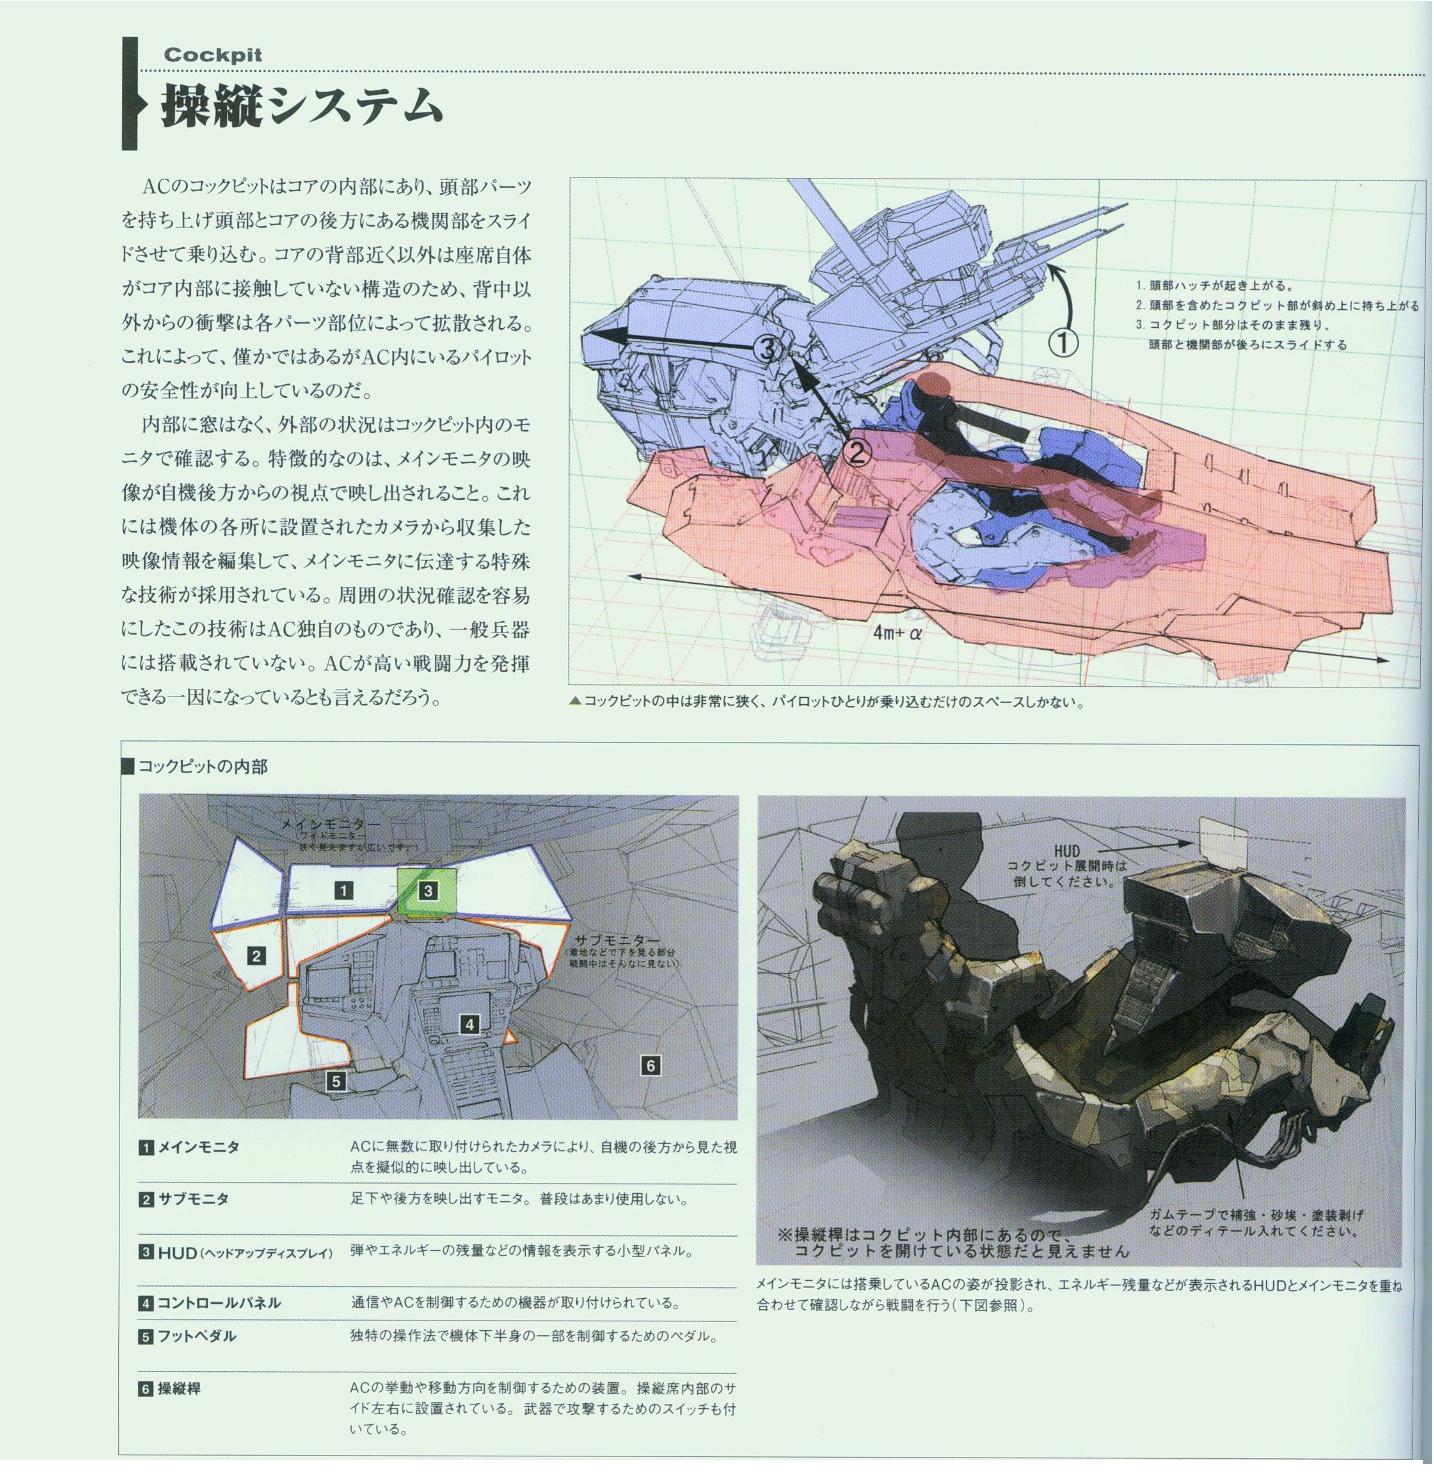 Armored Core Pilot Pilot Core Acv